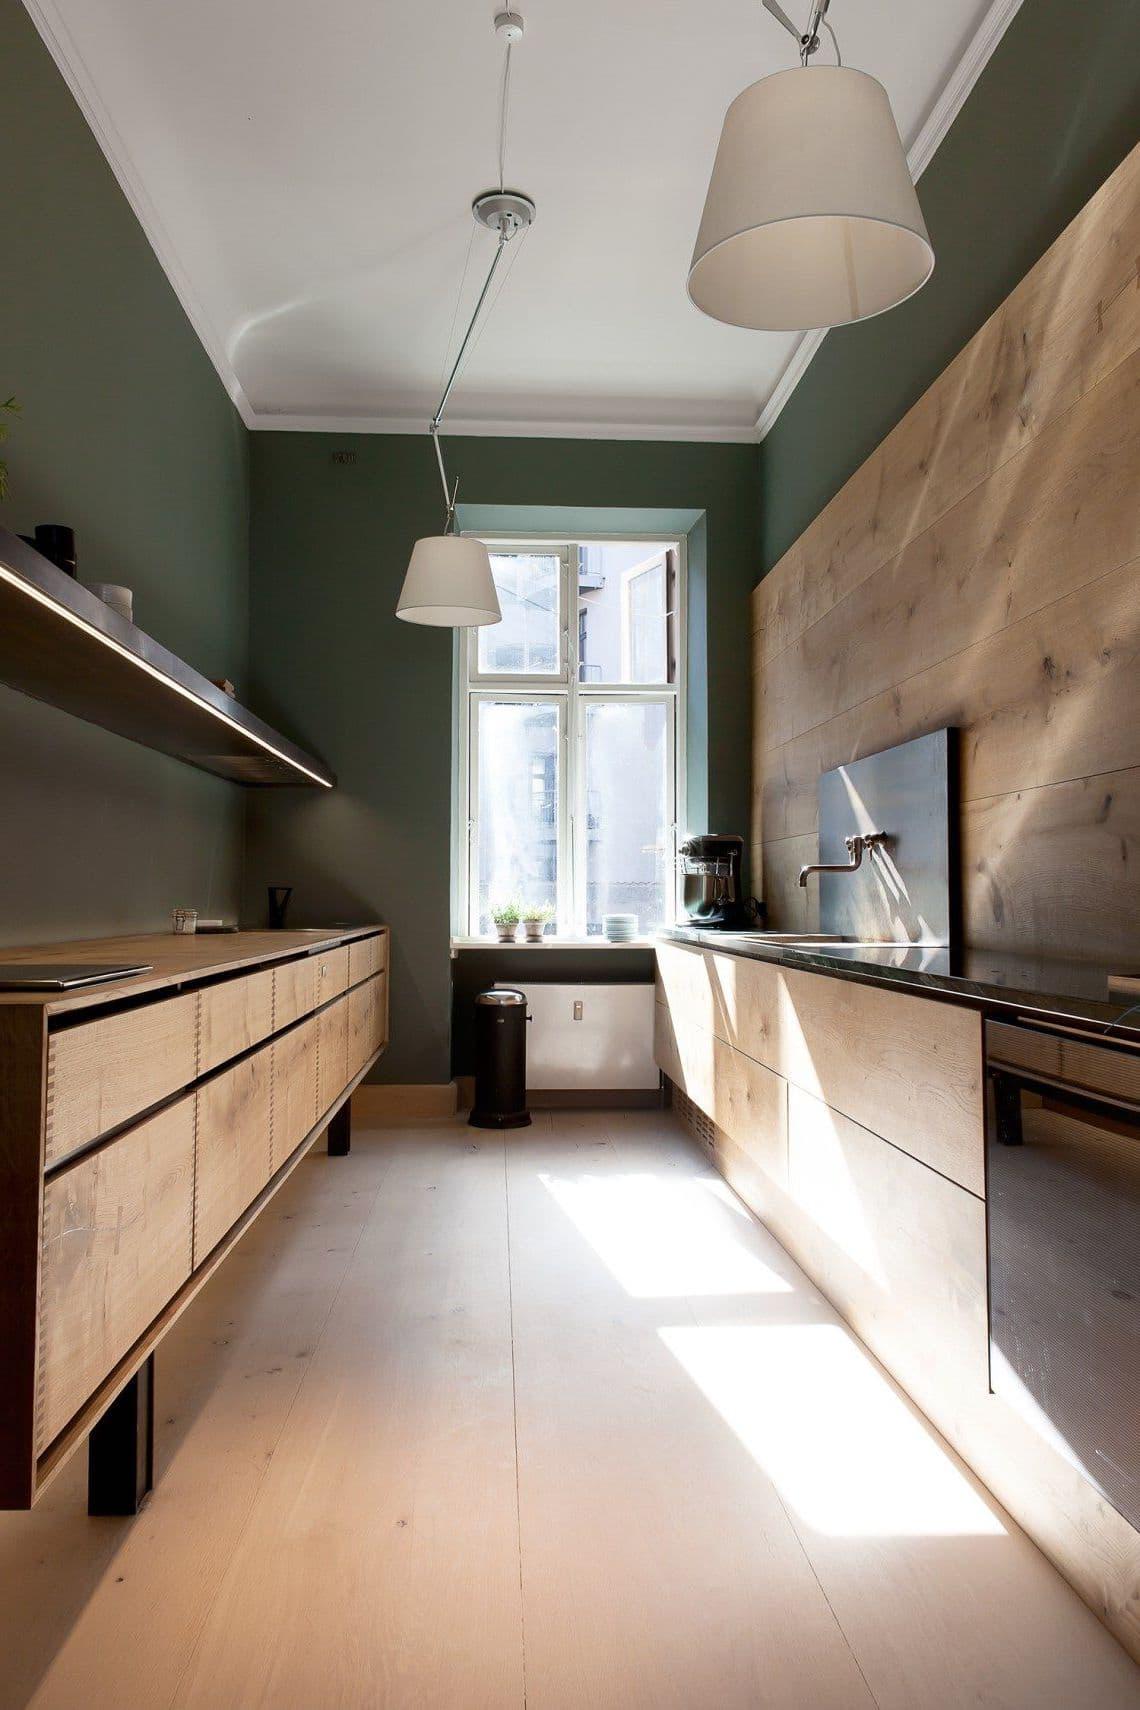 Pour une pièce étroite avec une bonne lumière naturelle, une seule paire de luminaires suffira.